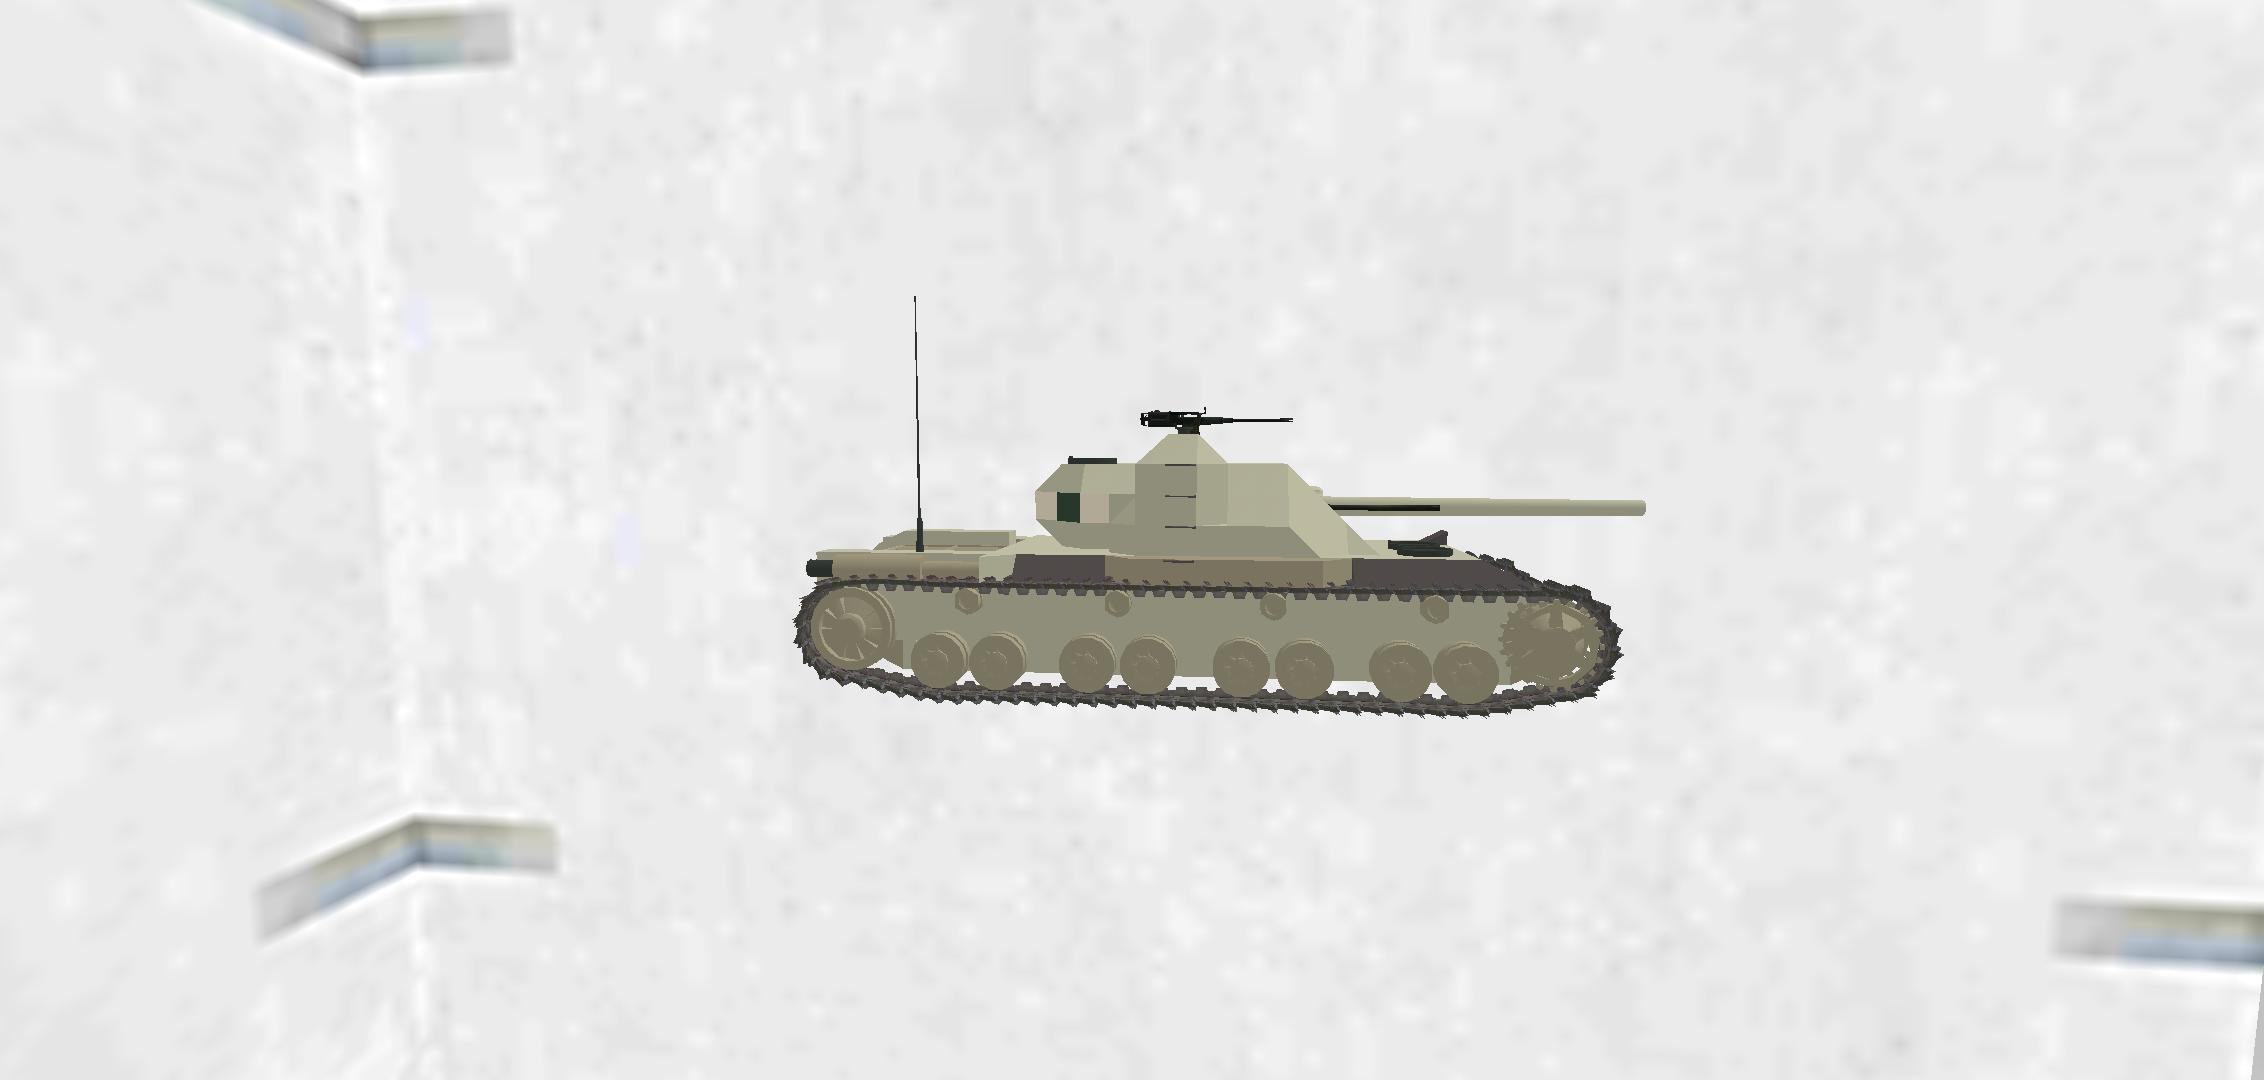 P50 medium type 4